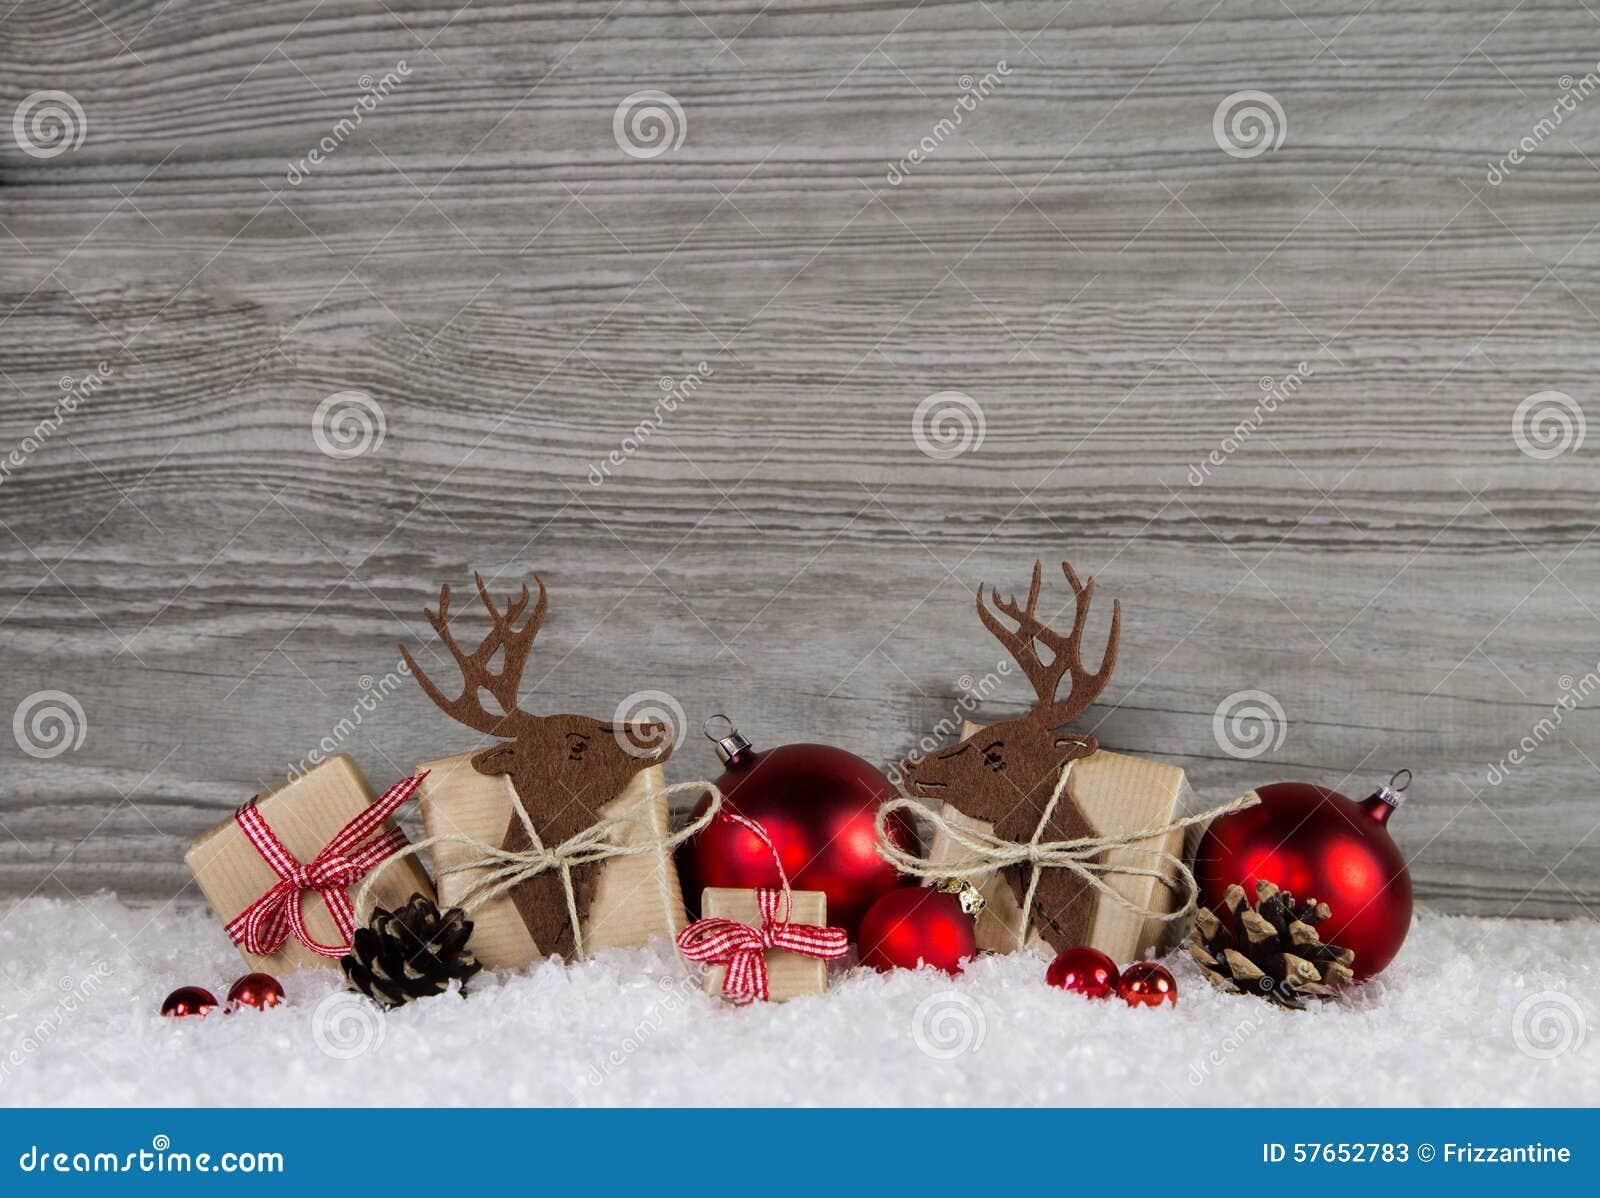 Czerwona boże narodzenie dekoracja w kraju stylu z prezentów pudełkami, reind